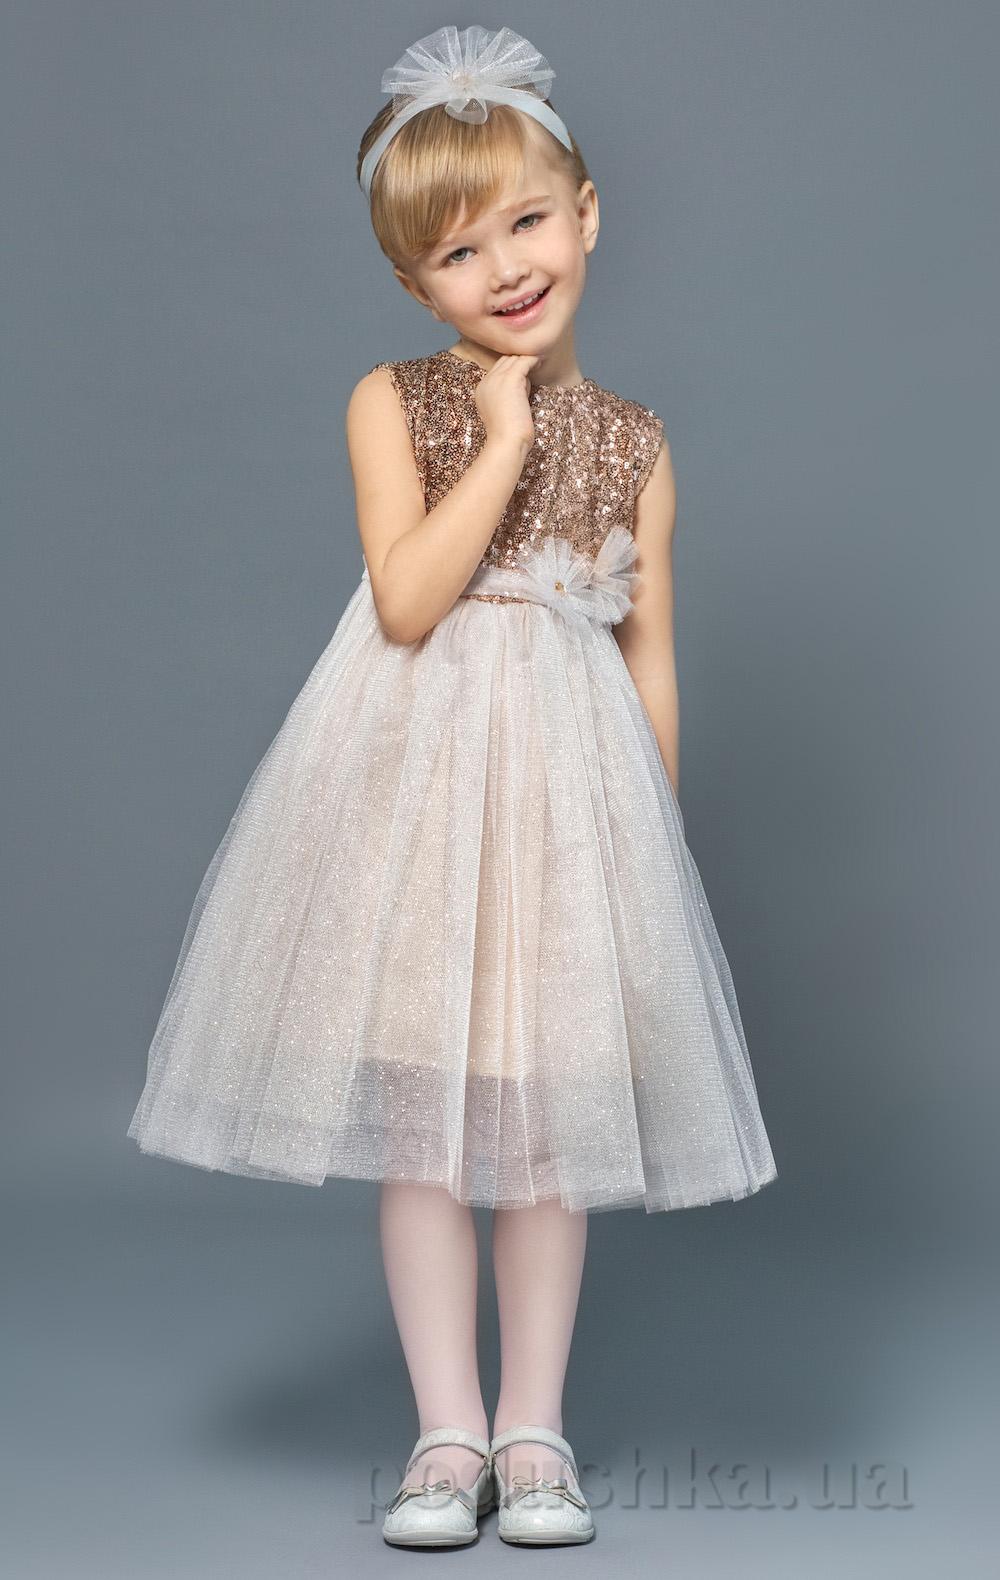 bb174ba28f0f631 Платья для девочек - купить нарядное платье на девочку в Украине и ...